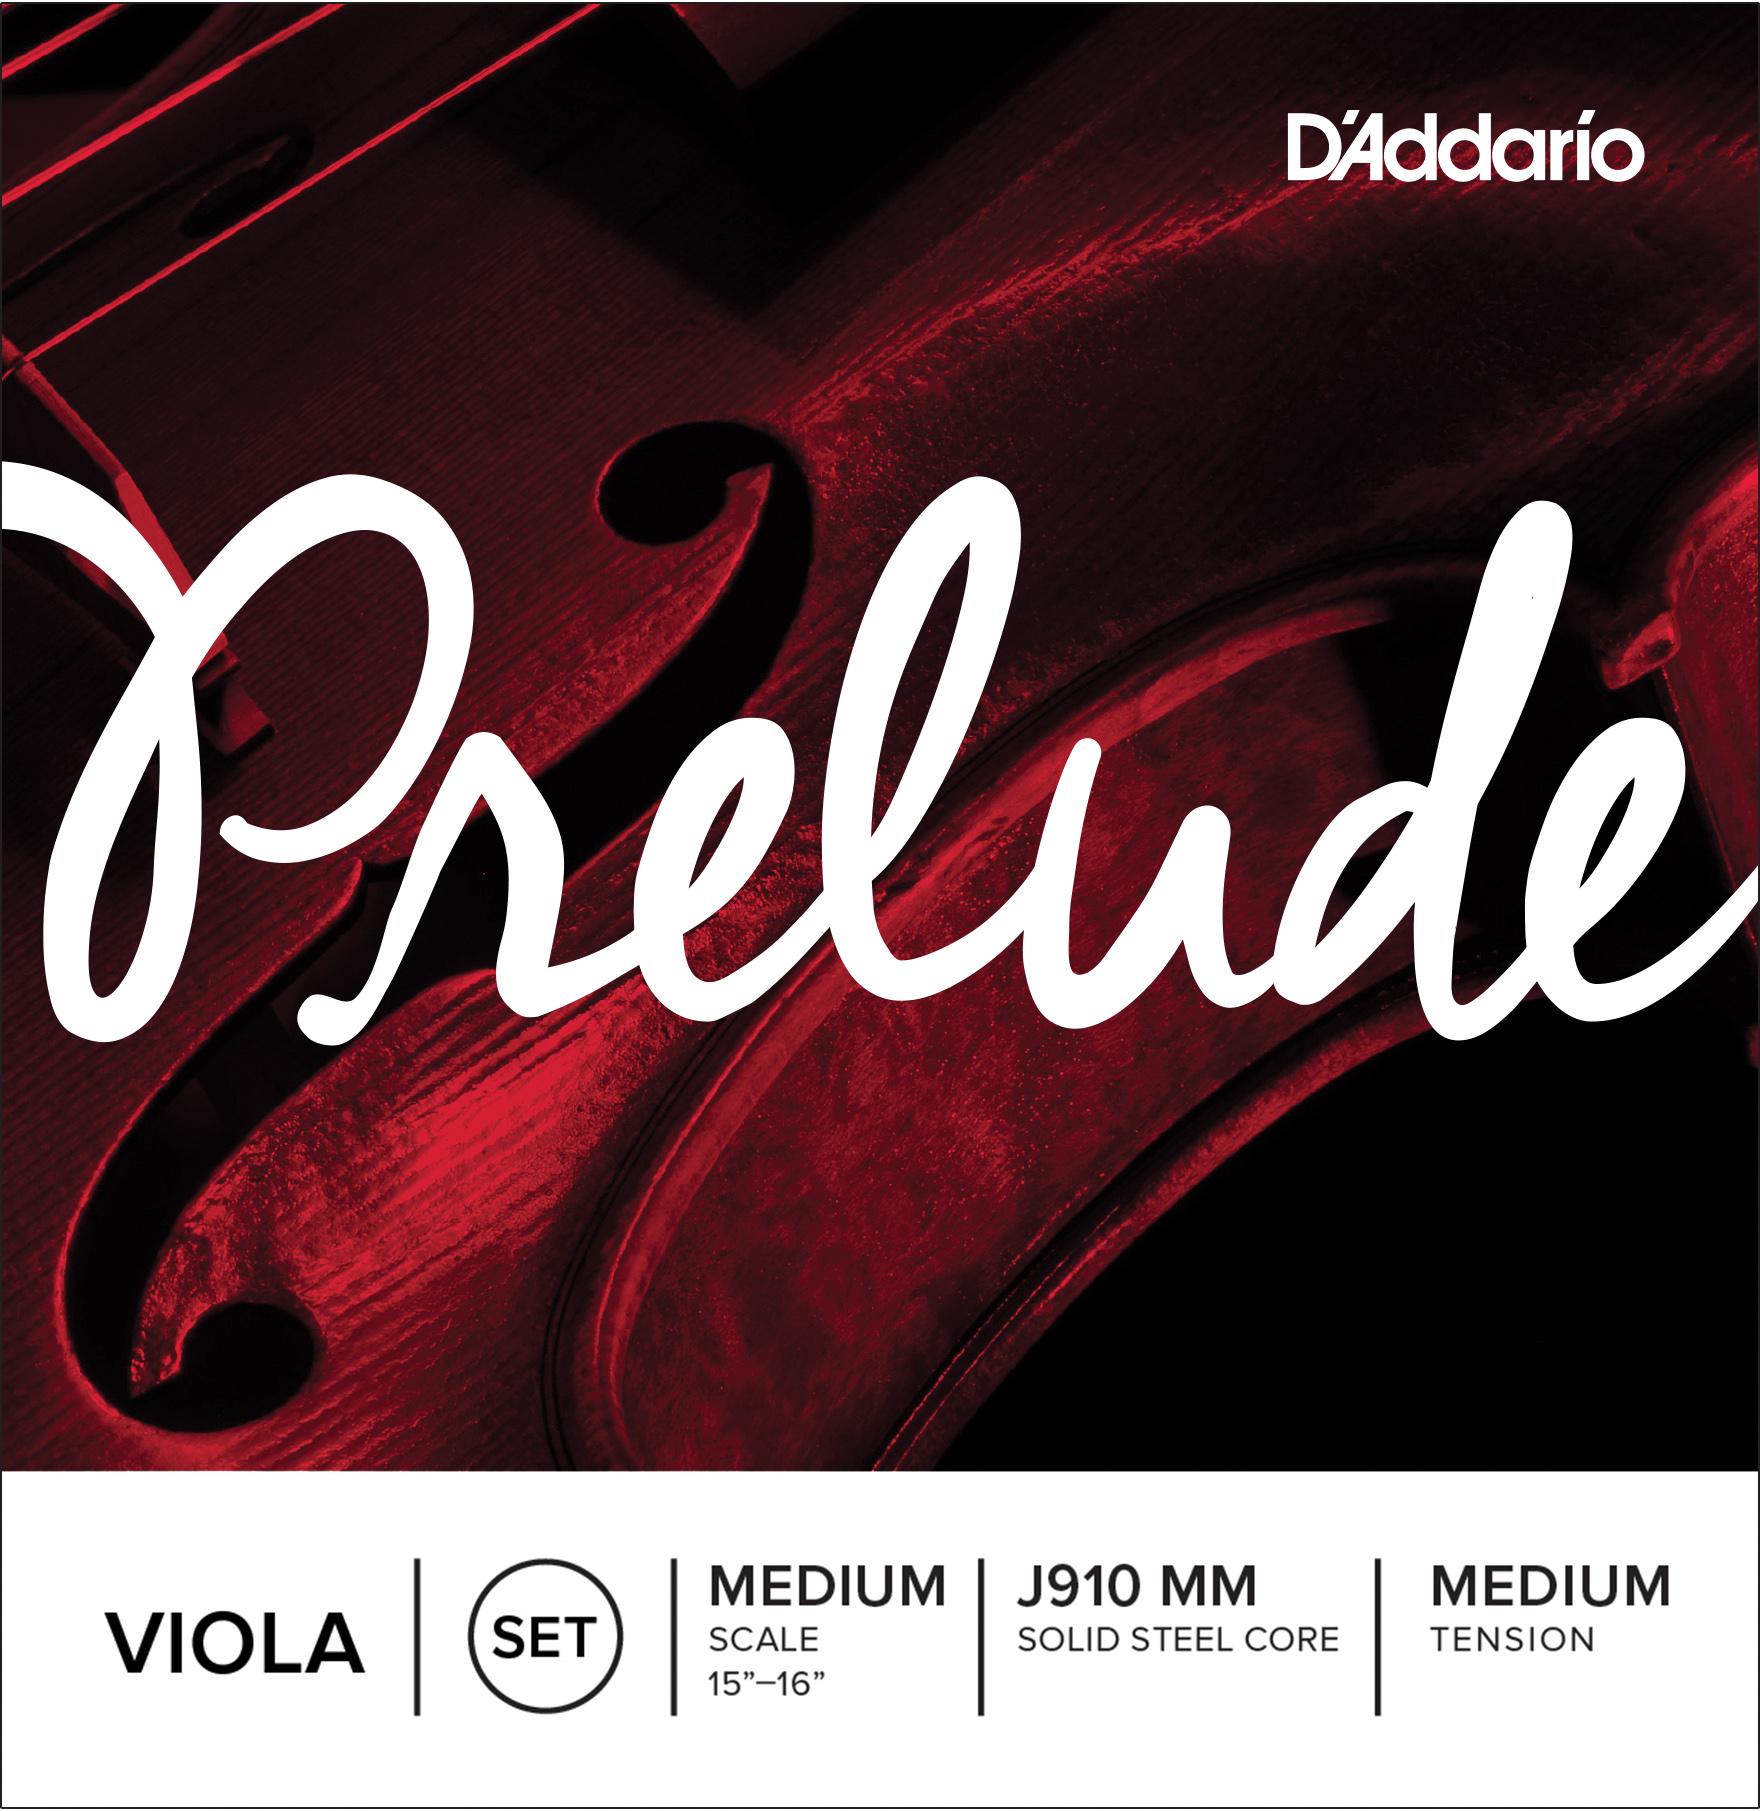 D'Addario Prelude Viola Strings, Set. (22% off) | D'Addario